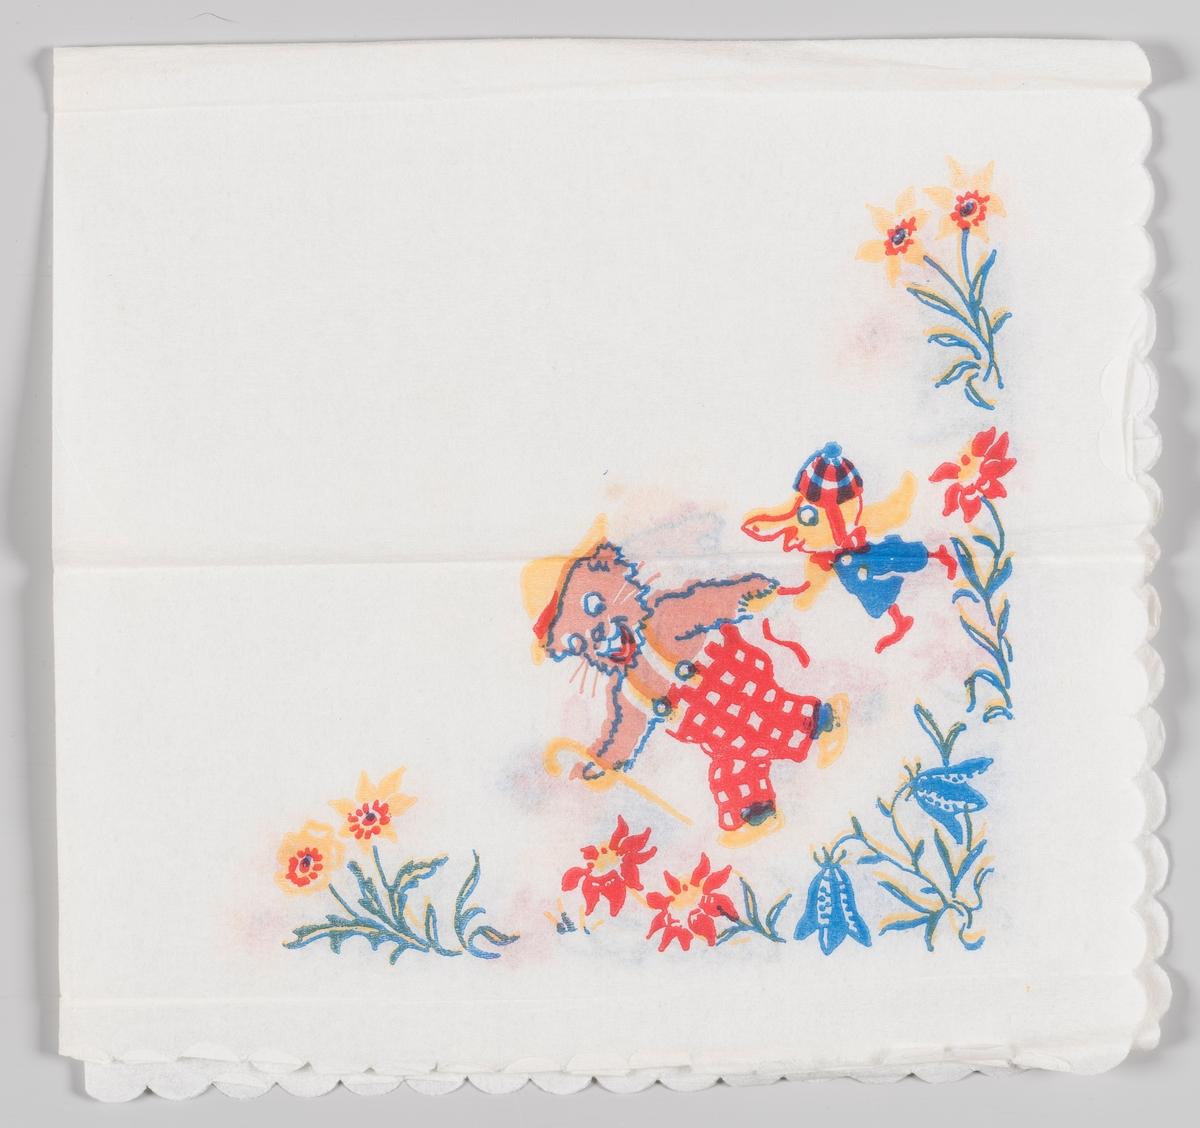 En bamse med rutete bukser, gul hatt og stokk følges med en liten følgesvenn med blå bukse og lue. De to går blant store blomster.